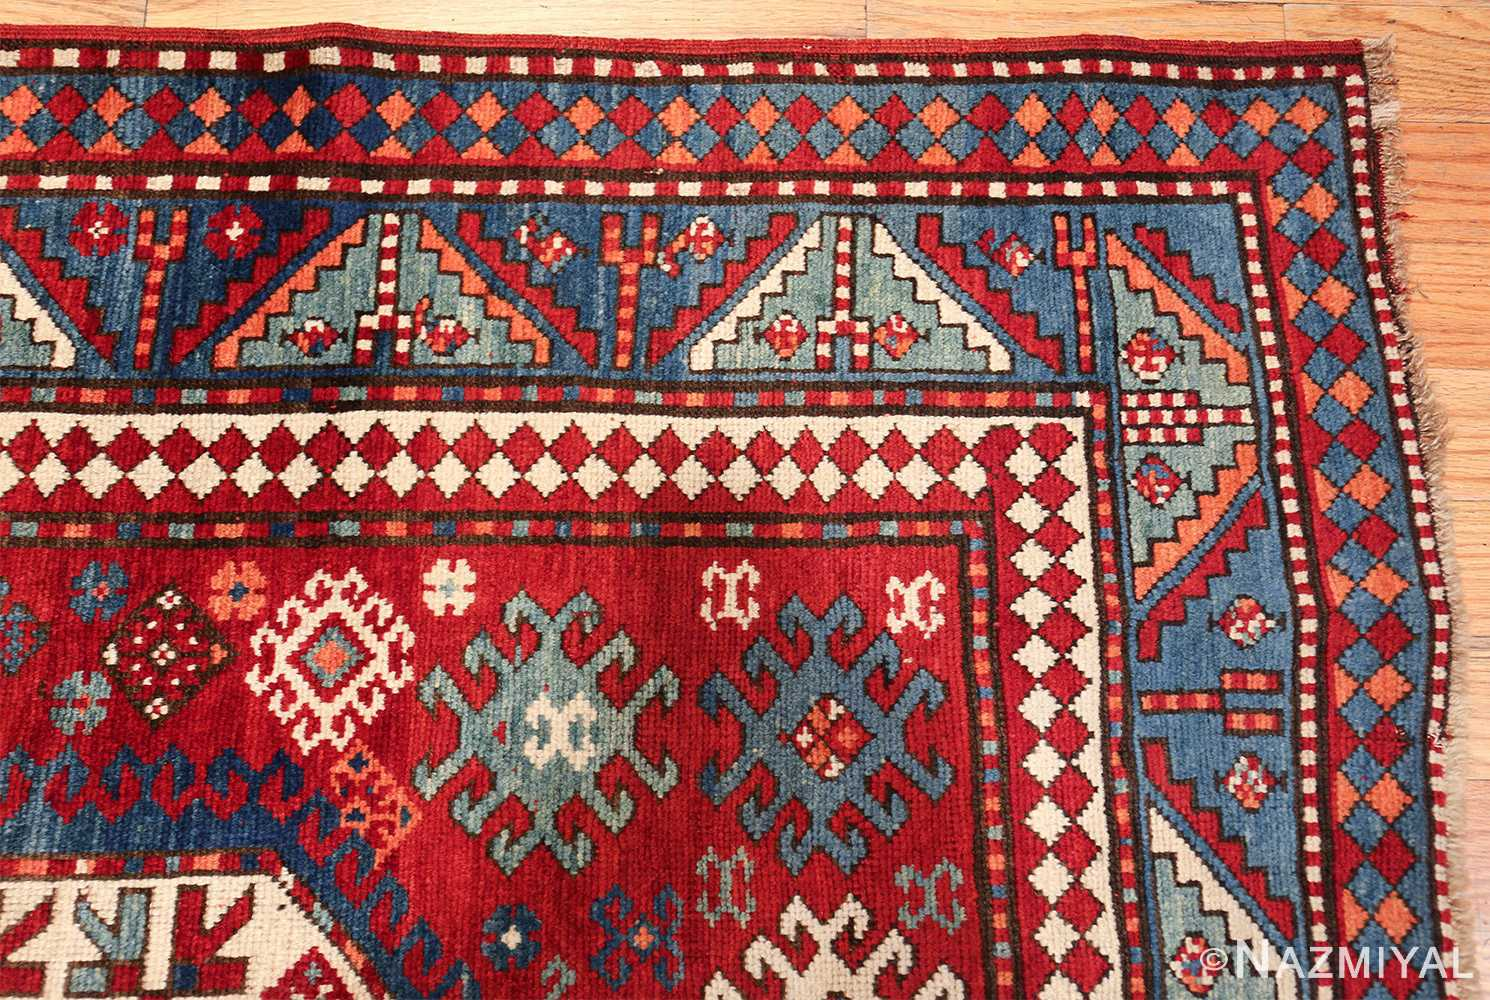 antique lori pemback design kazak caucasian rug 49509 corner Nazmiyal